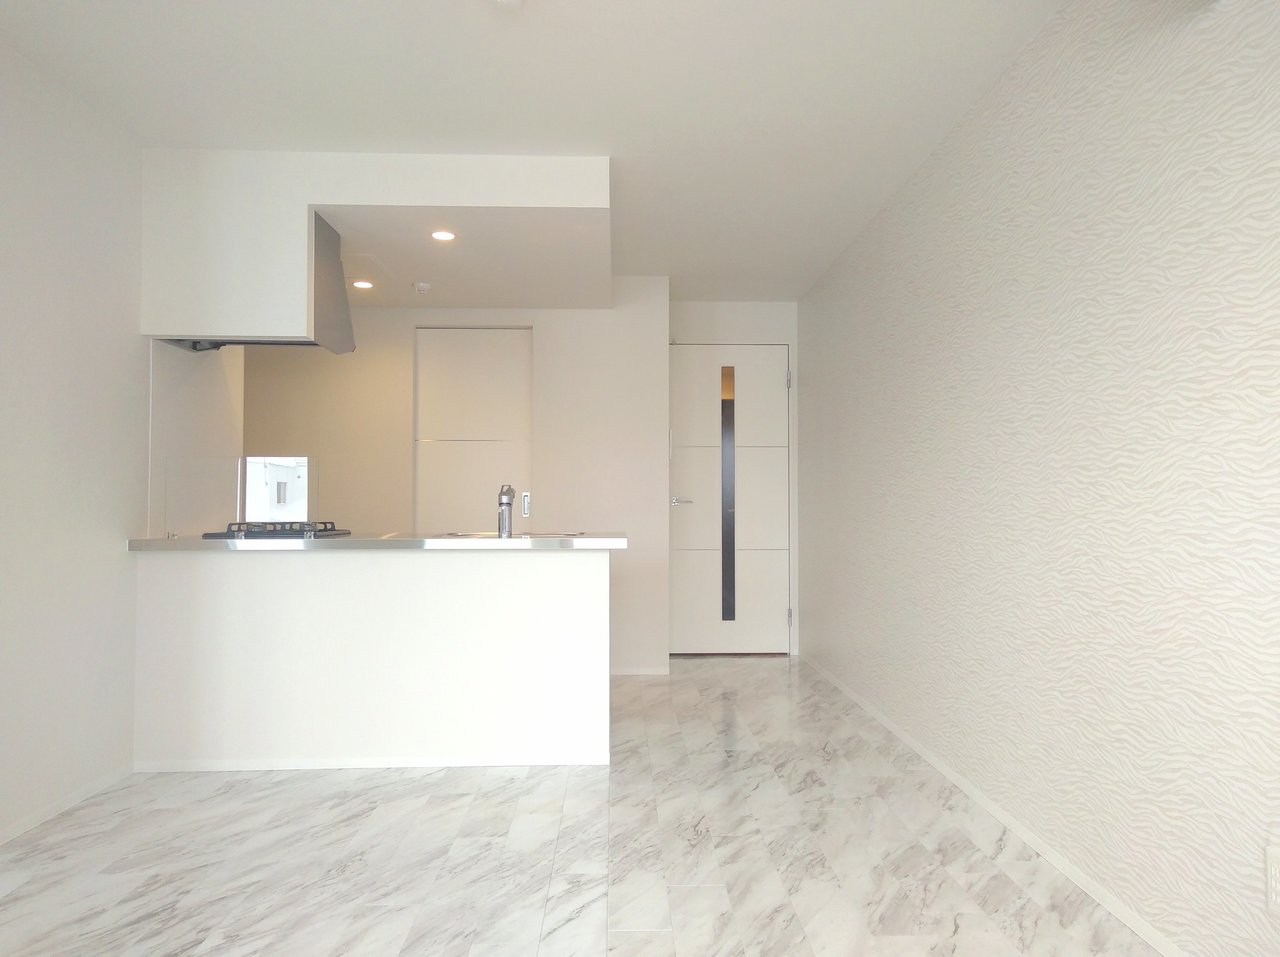 最後にご紹介するのは、40㎡超えの広々1LDK。白を基調としていて、部屋全体に高級感が漂います。キッチンも開放的。毎日ここに立つのが気持ち良くて、早起きできそうです。